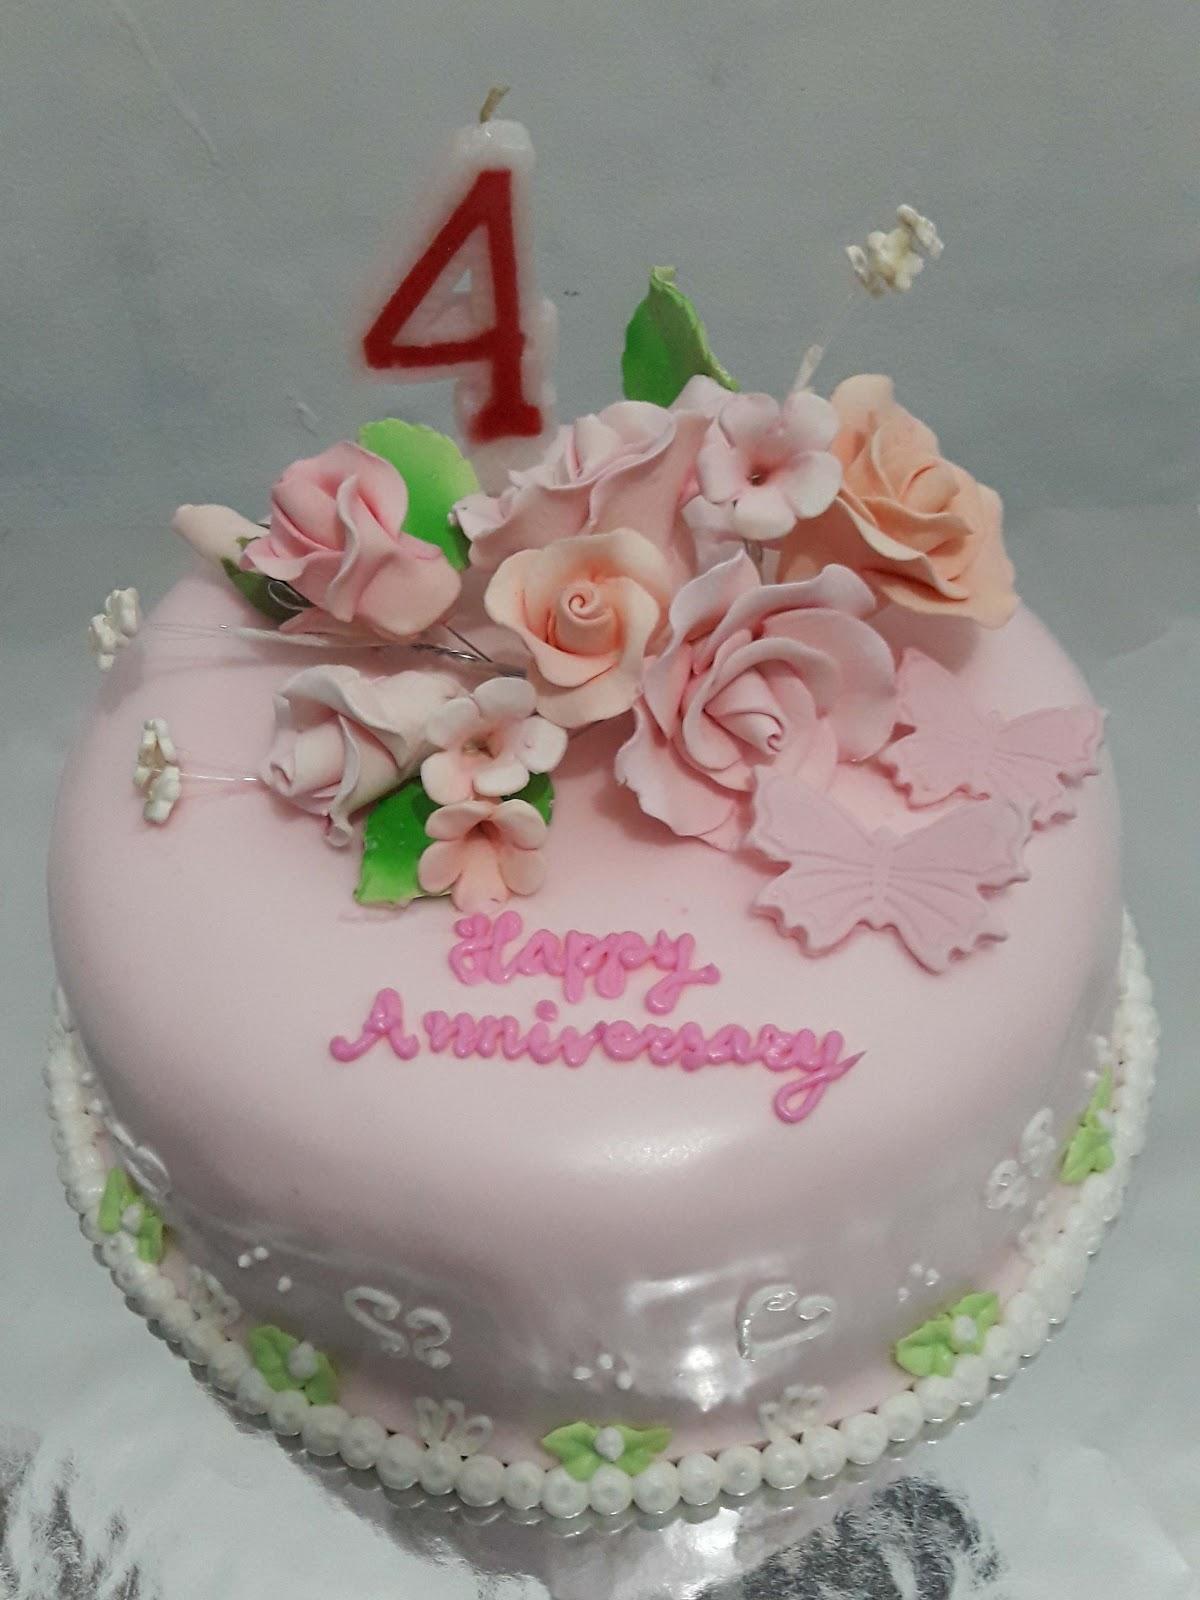 Black Label Price >> Orchid Cake: Anniversary Cake, Kue Tart dgn hiasan Pengantin.